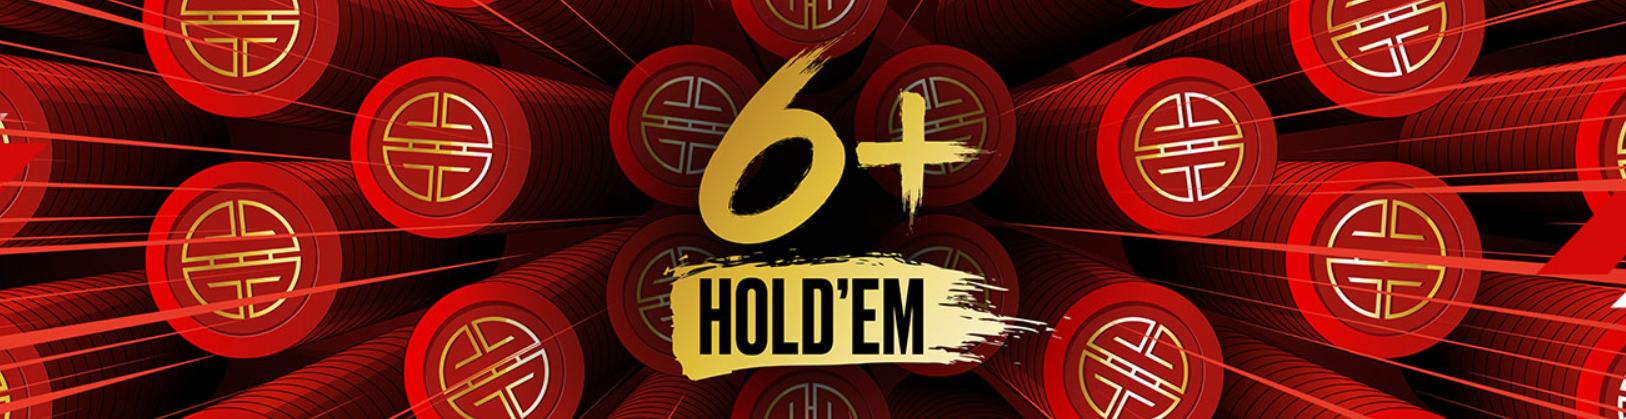 6+ hold em pokerstars-komarbet.com